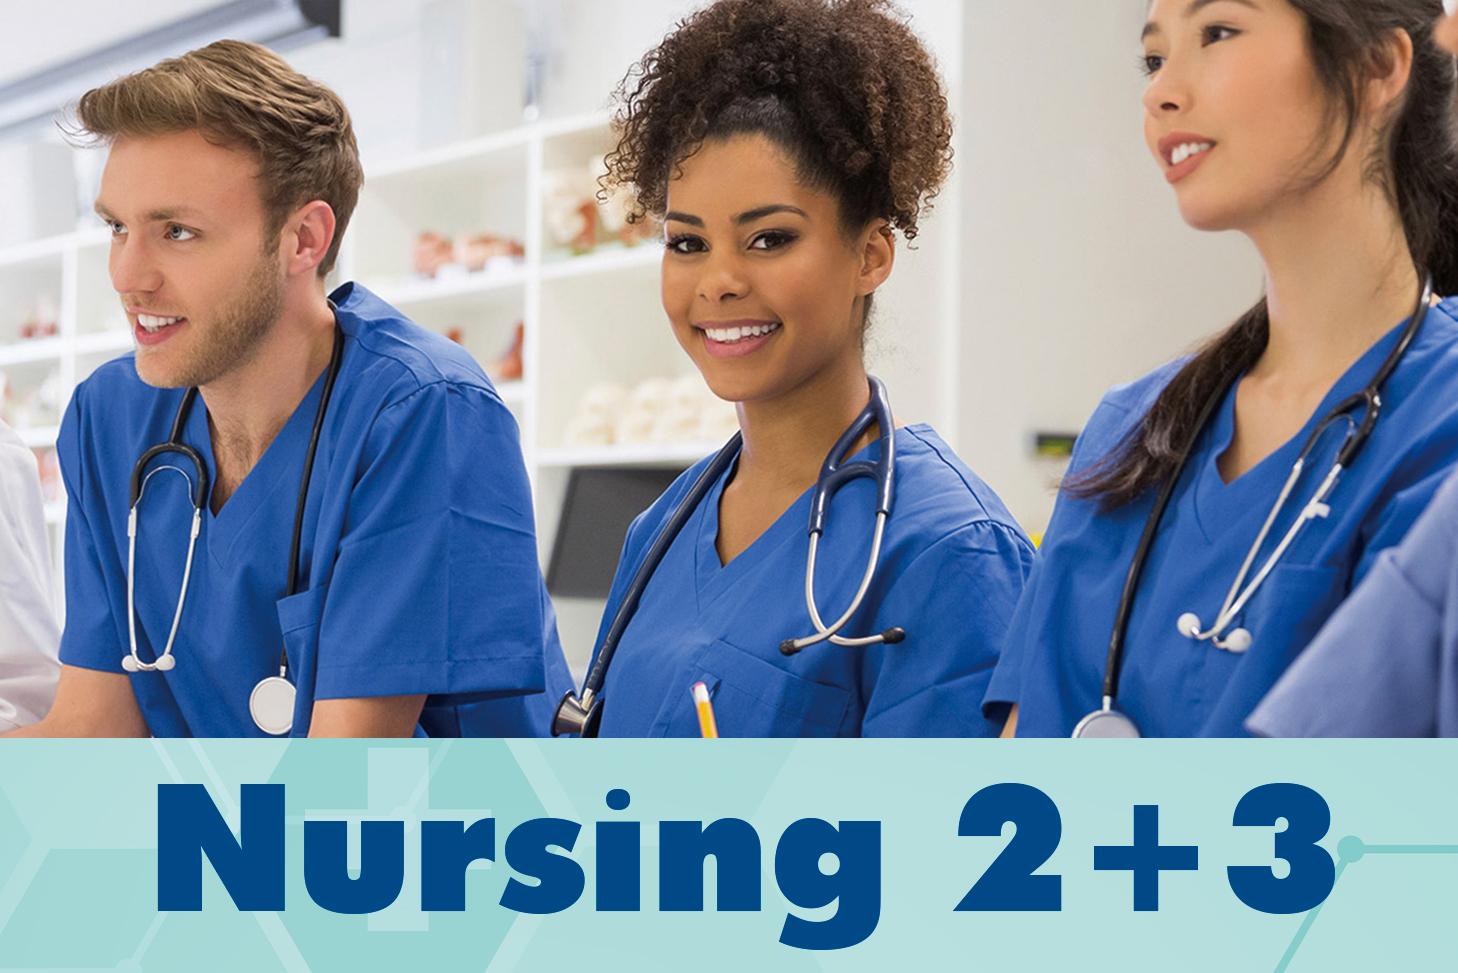 website_nursing 2+3